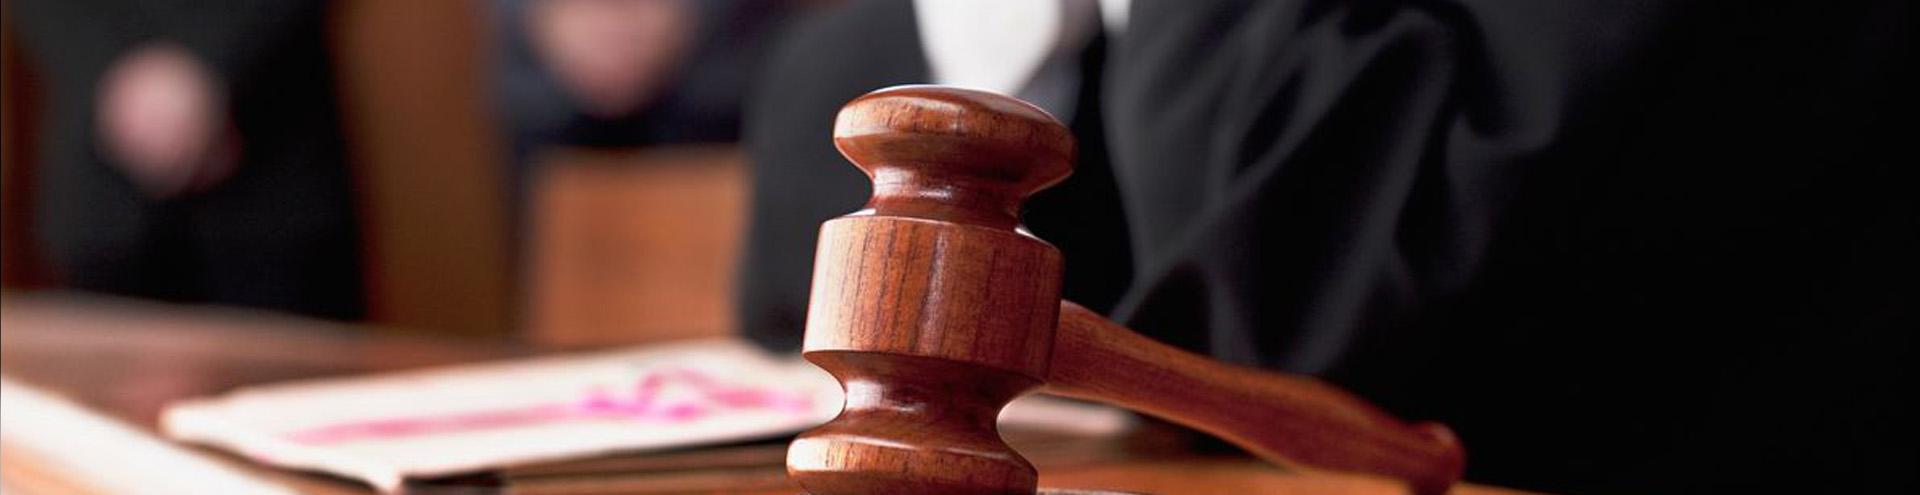 апелляционная жалоба в Нижнем Новгороде и Нижегородской области